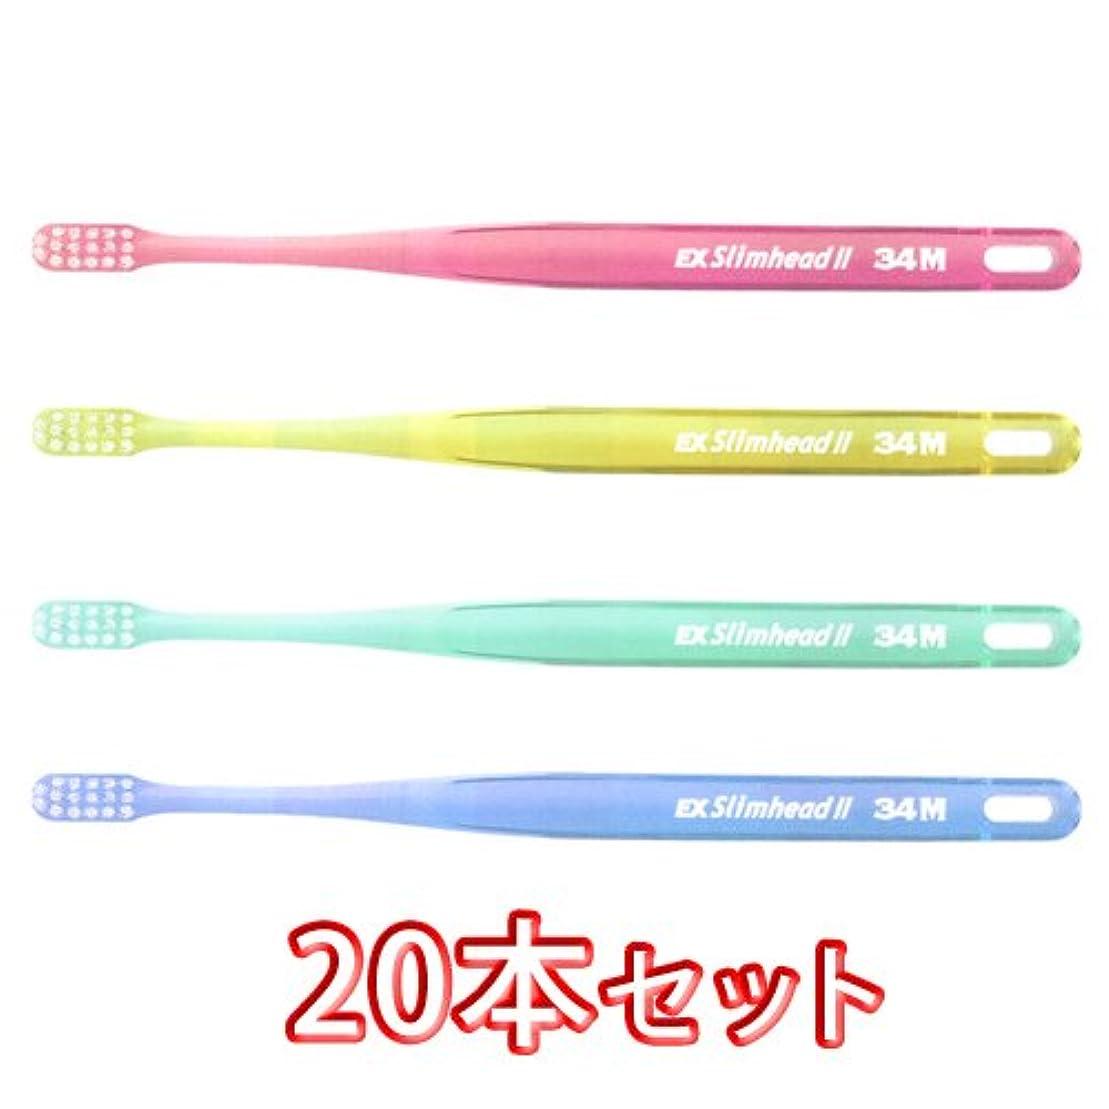 クリップアジテーション速記ライオン スリムヘッド2 歯ブラシ DENT . EX Slimhead2 20本入 (34M)